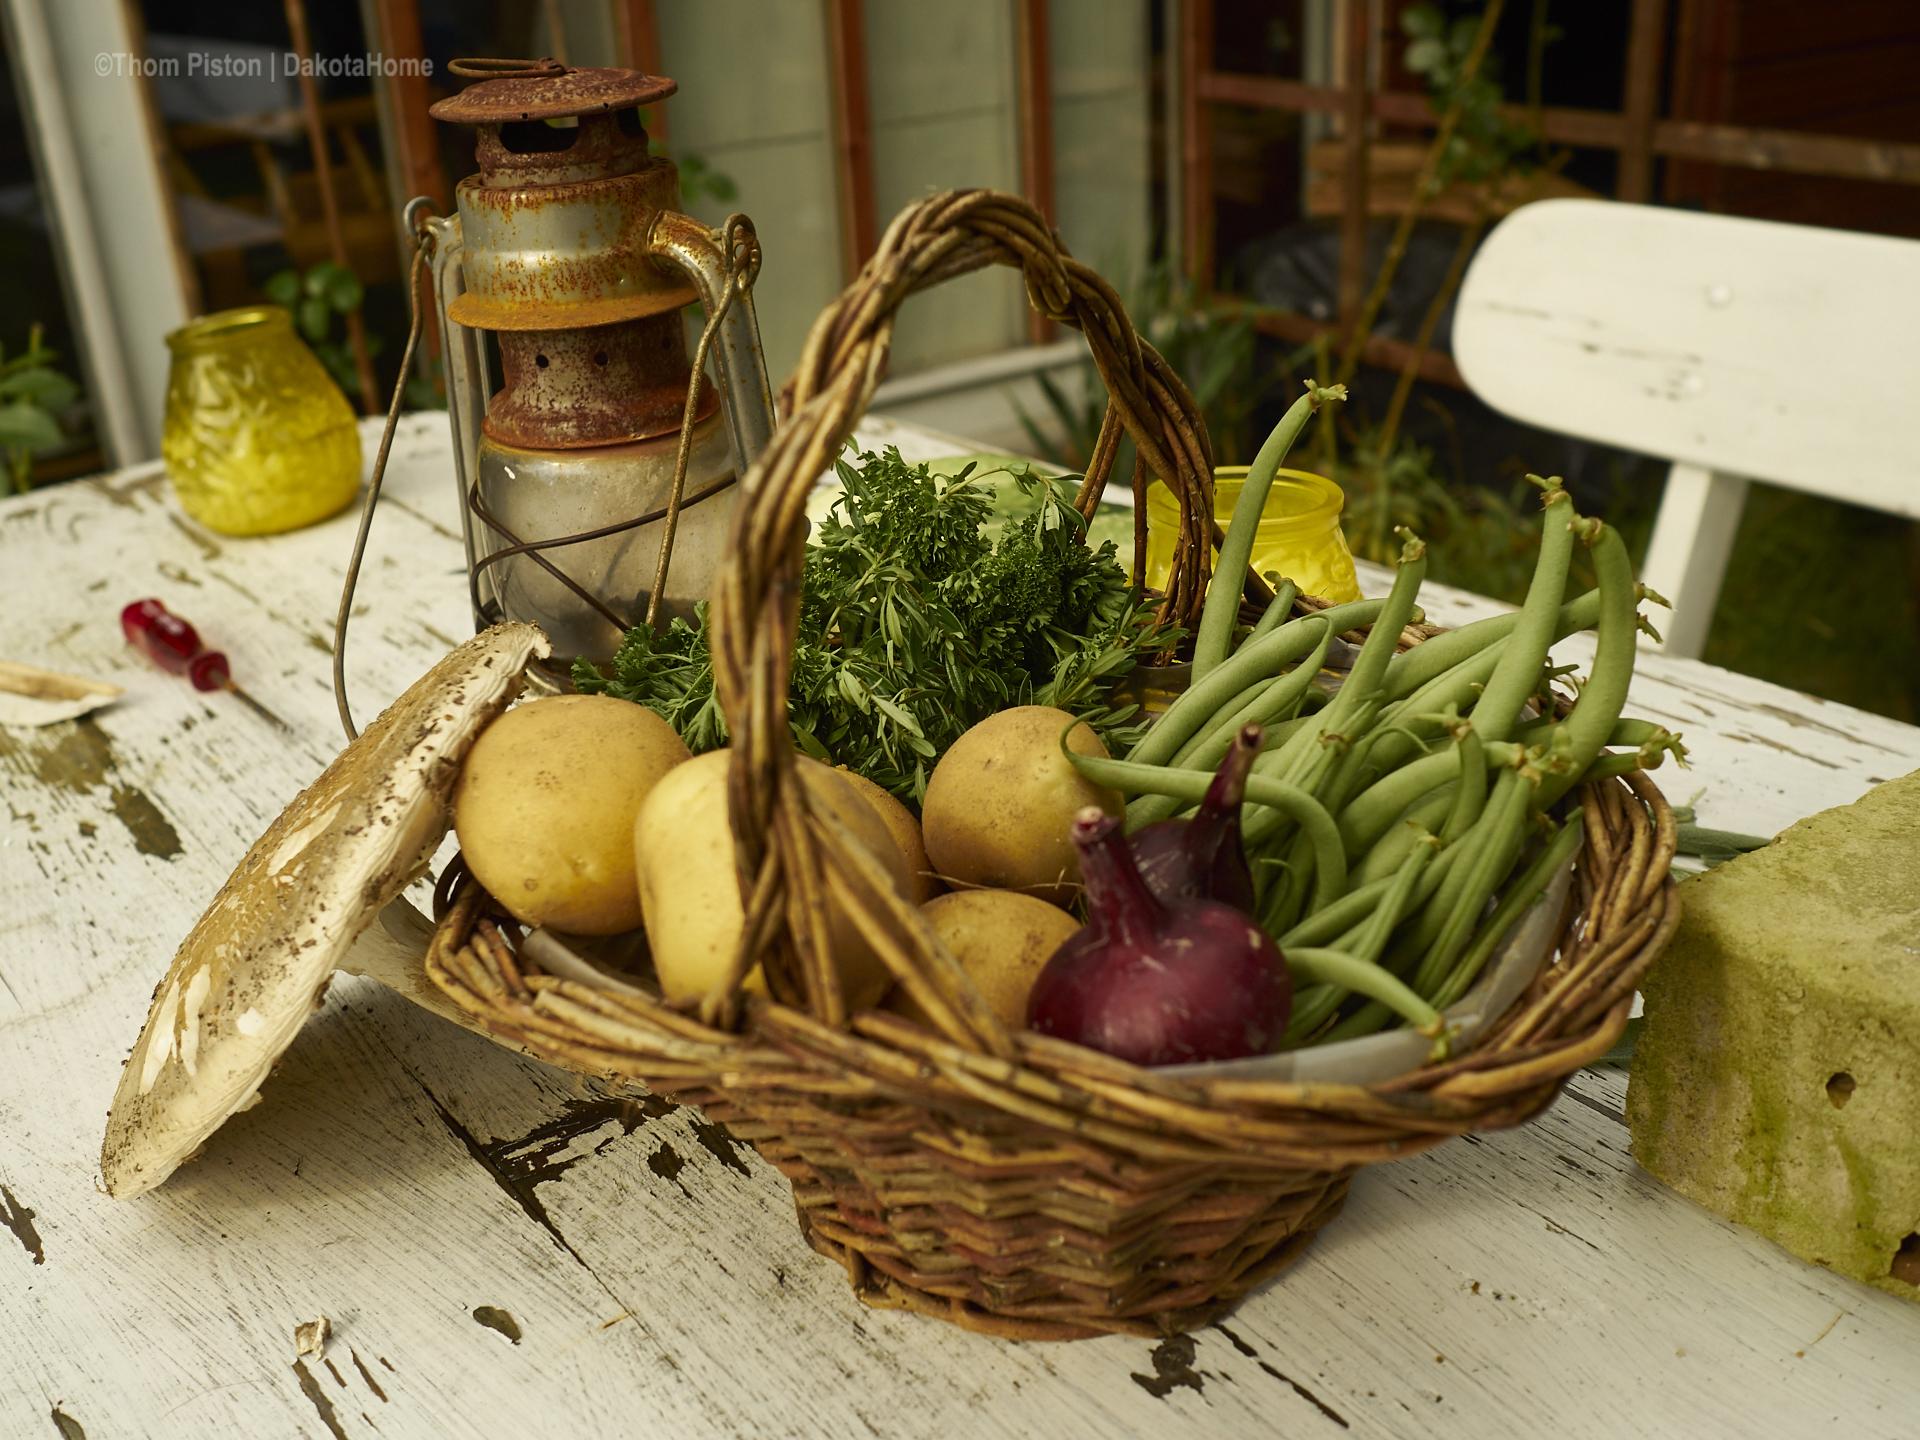 Gemüse, Gewächshaus & Gartenliebe im Dakota Home